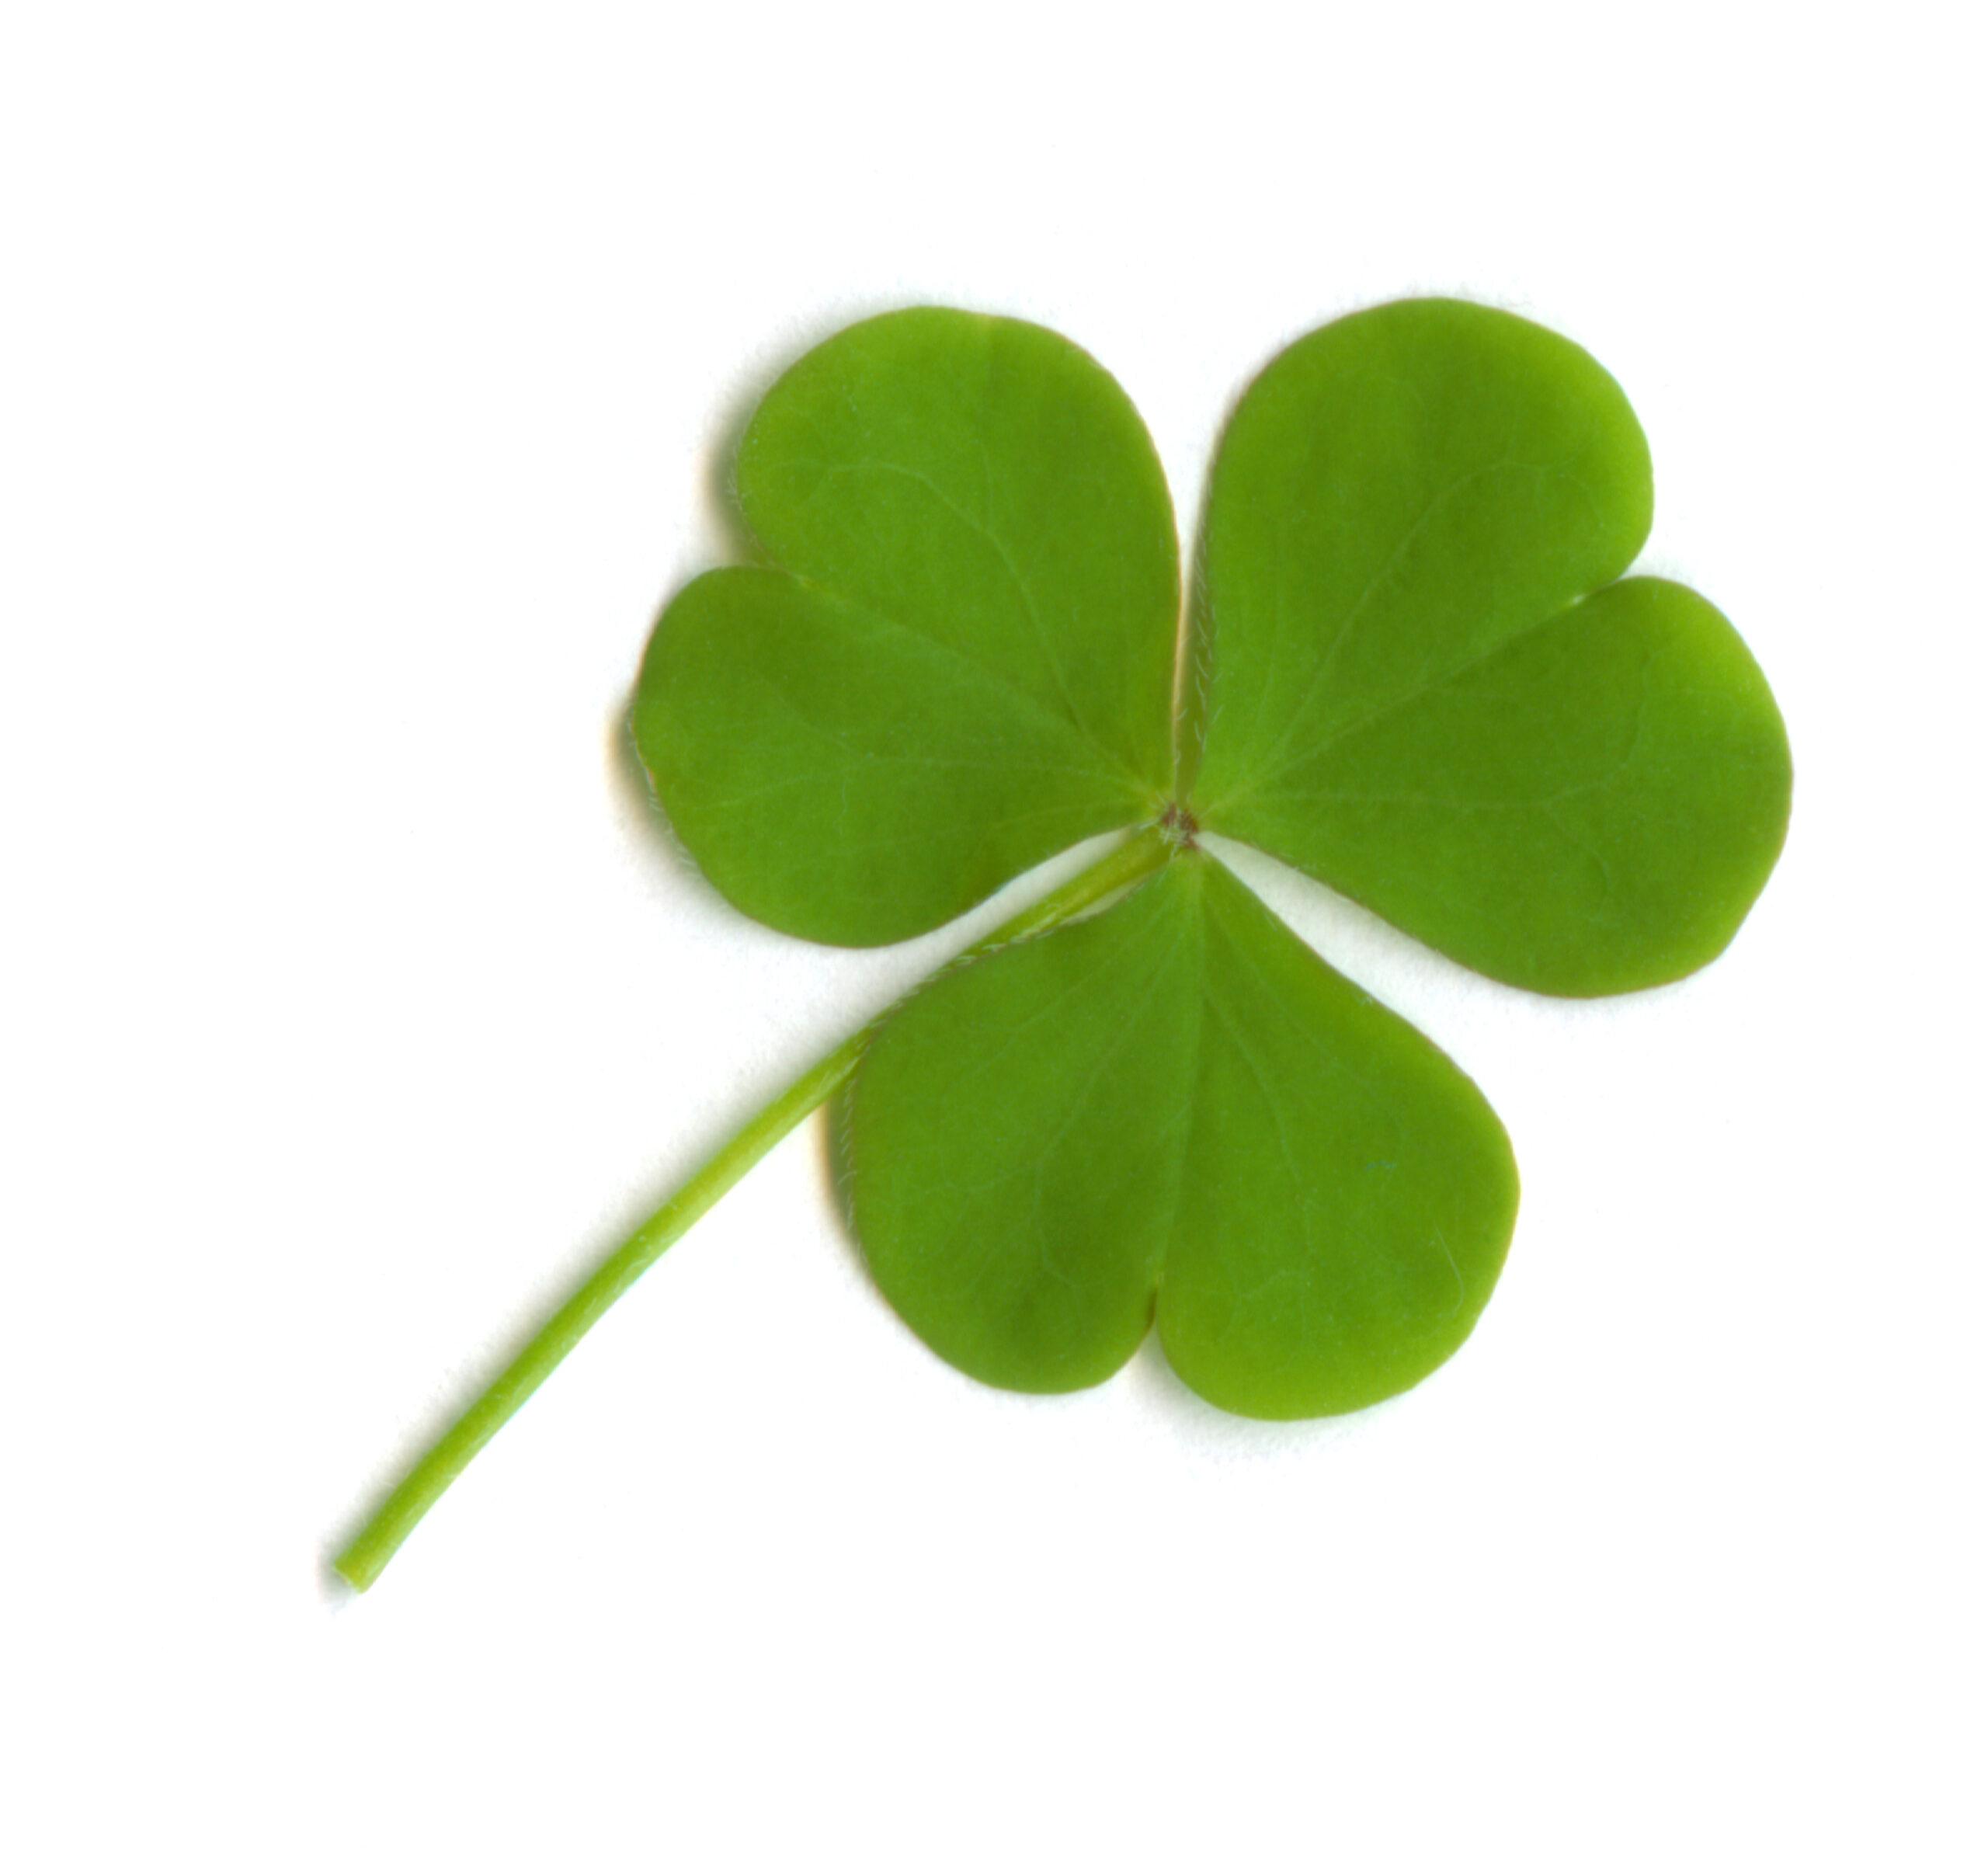 Should Christians Celebrate St. Patrick's Day?